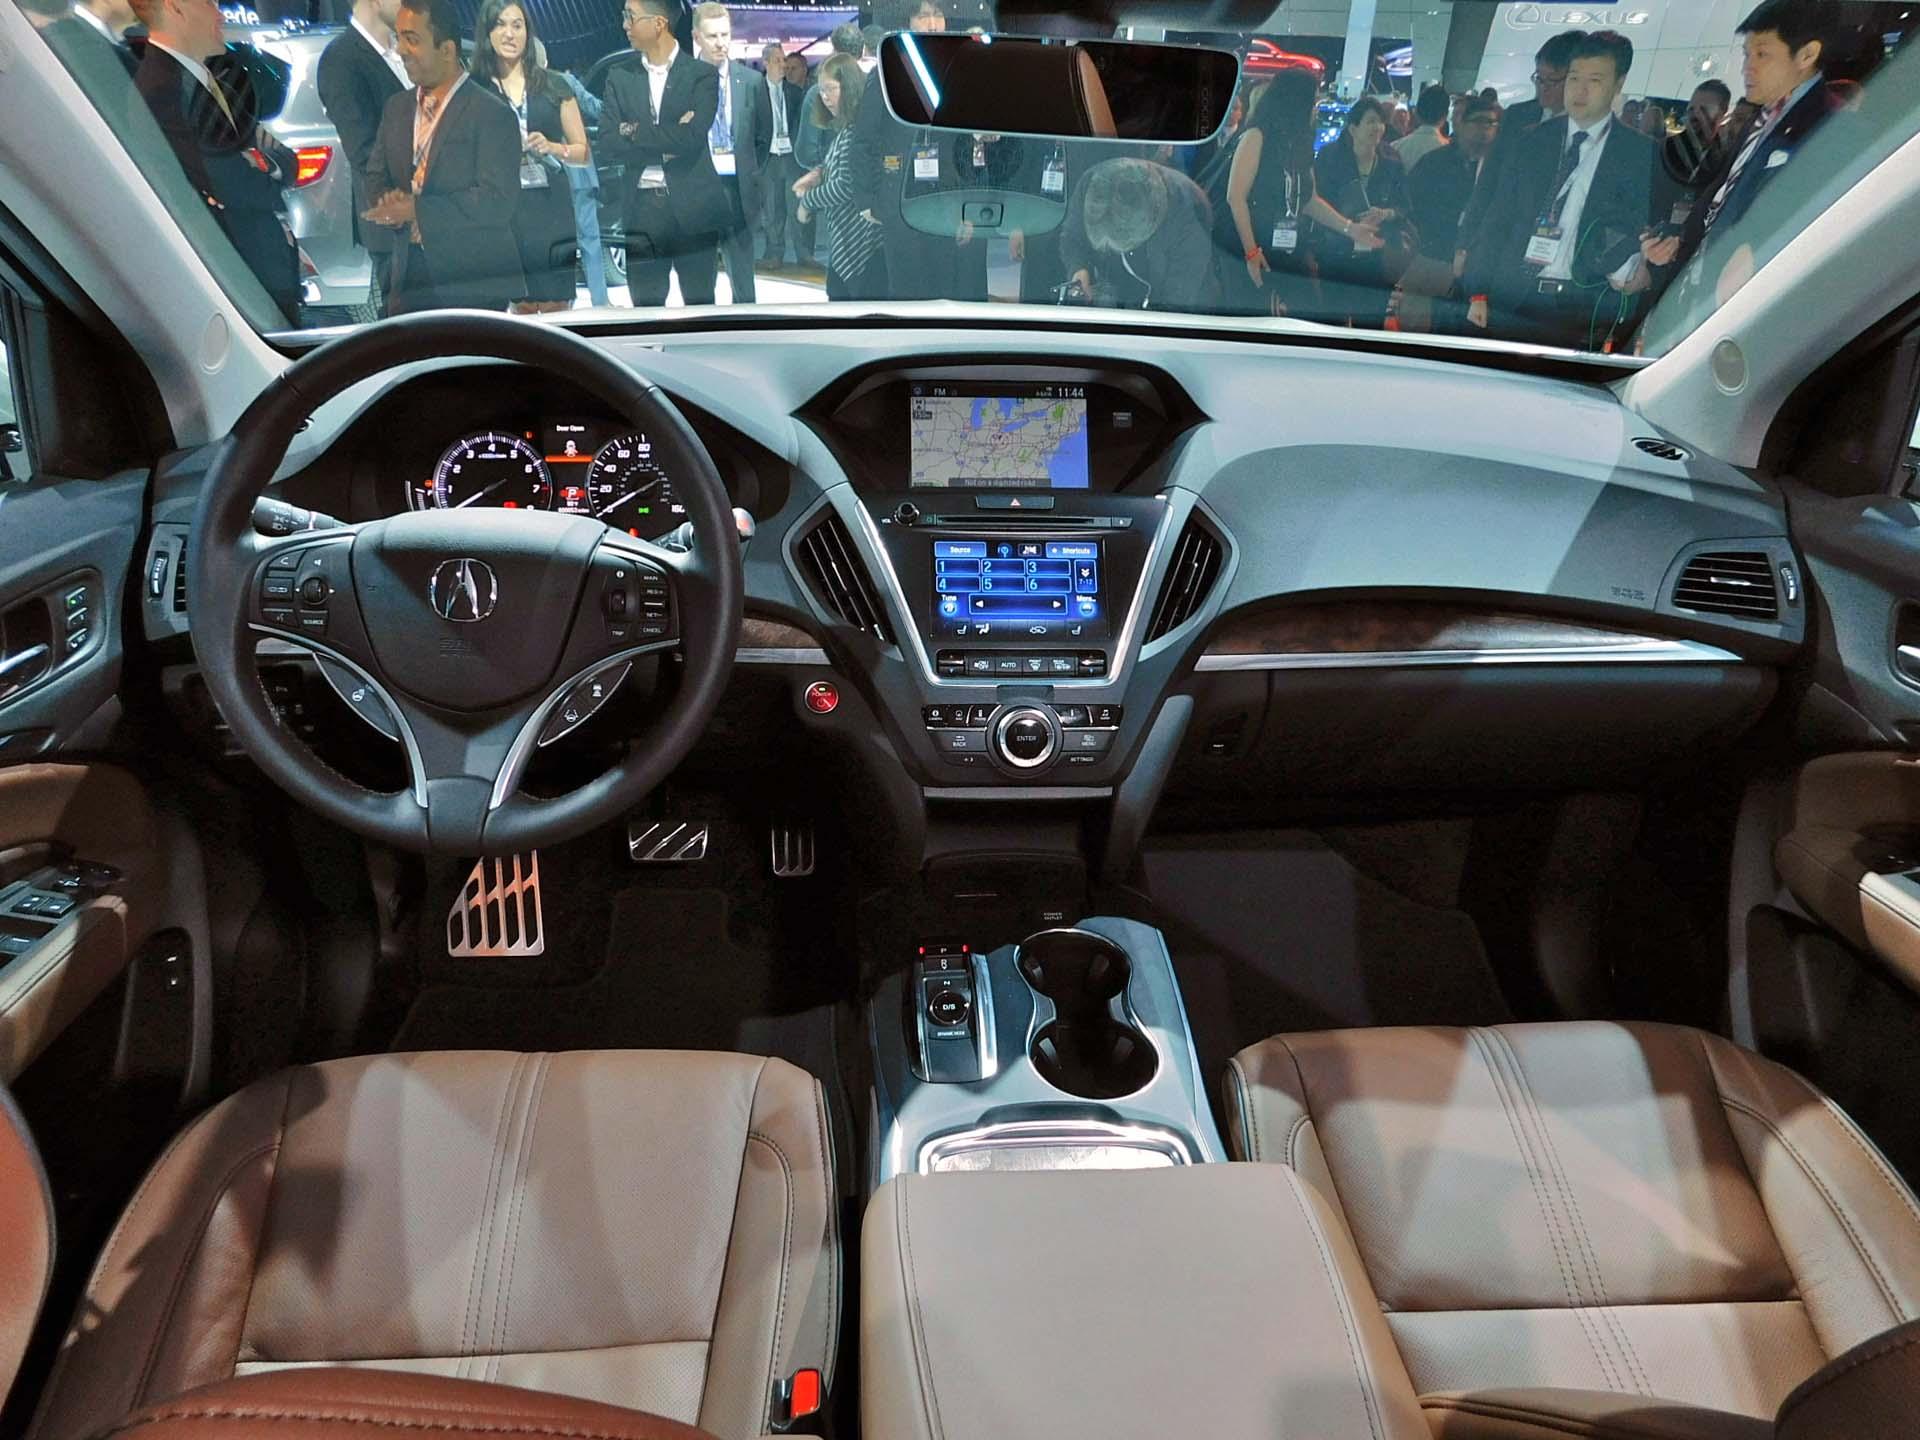 2006 Acura Mdx Reviews >> 2017 Acura MDX - Autos.ca